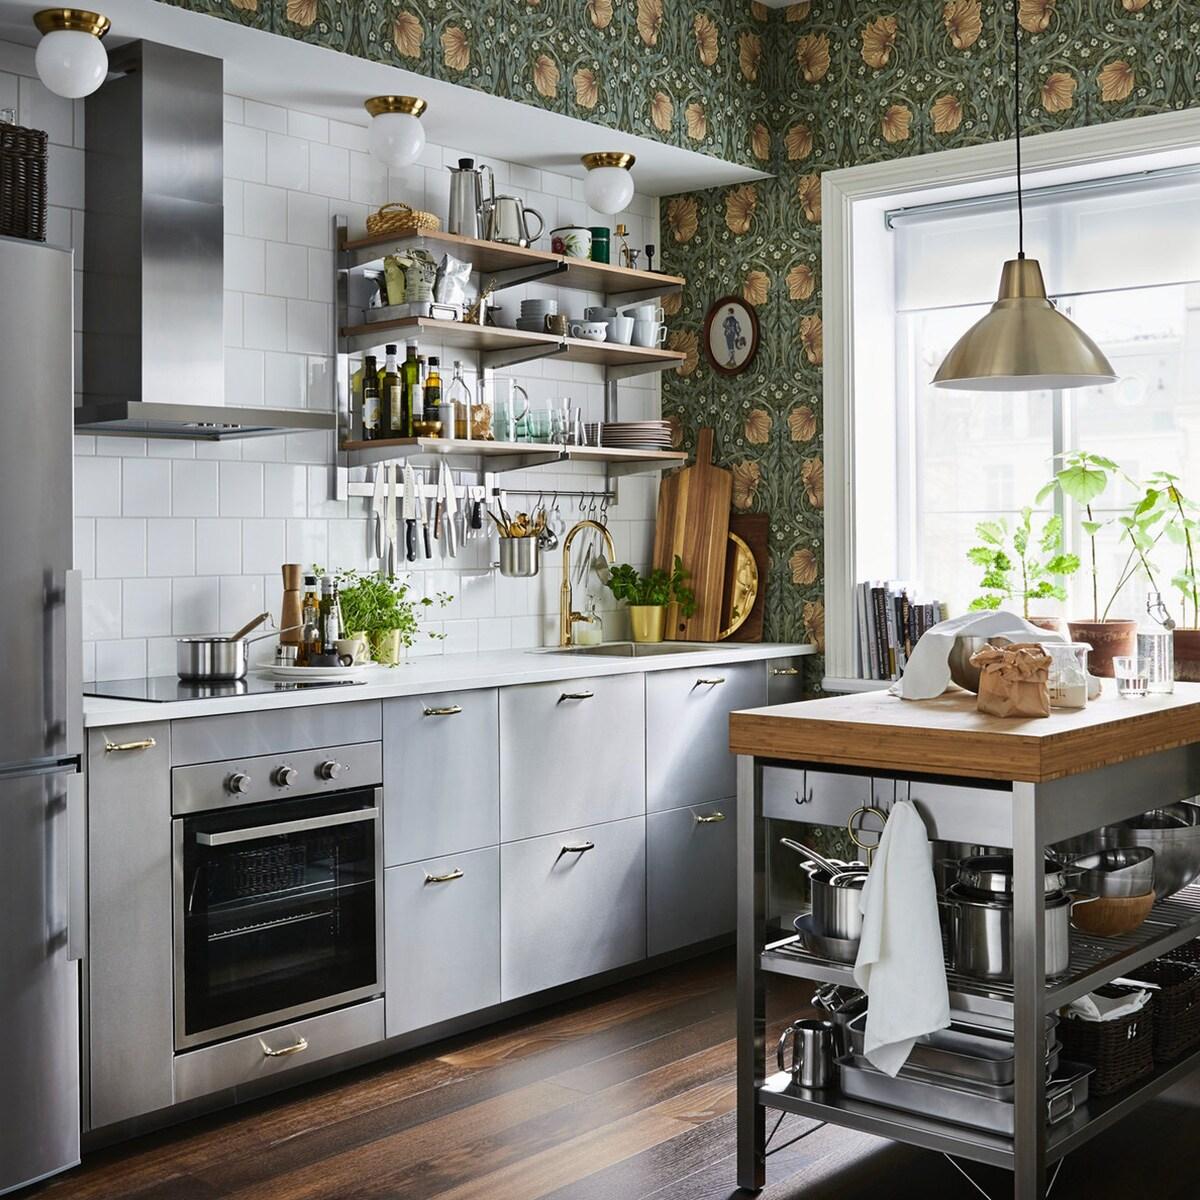 Eine kleine in Braun und Grau gehaltene Küche mit modernen GREVSTA Fronten in Edelstahl.